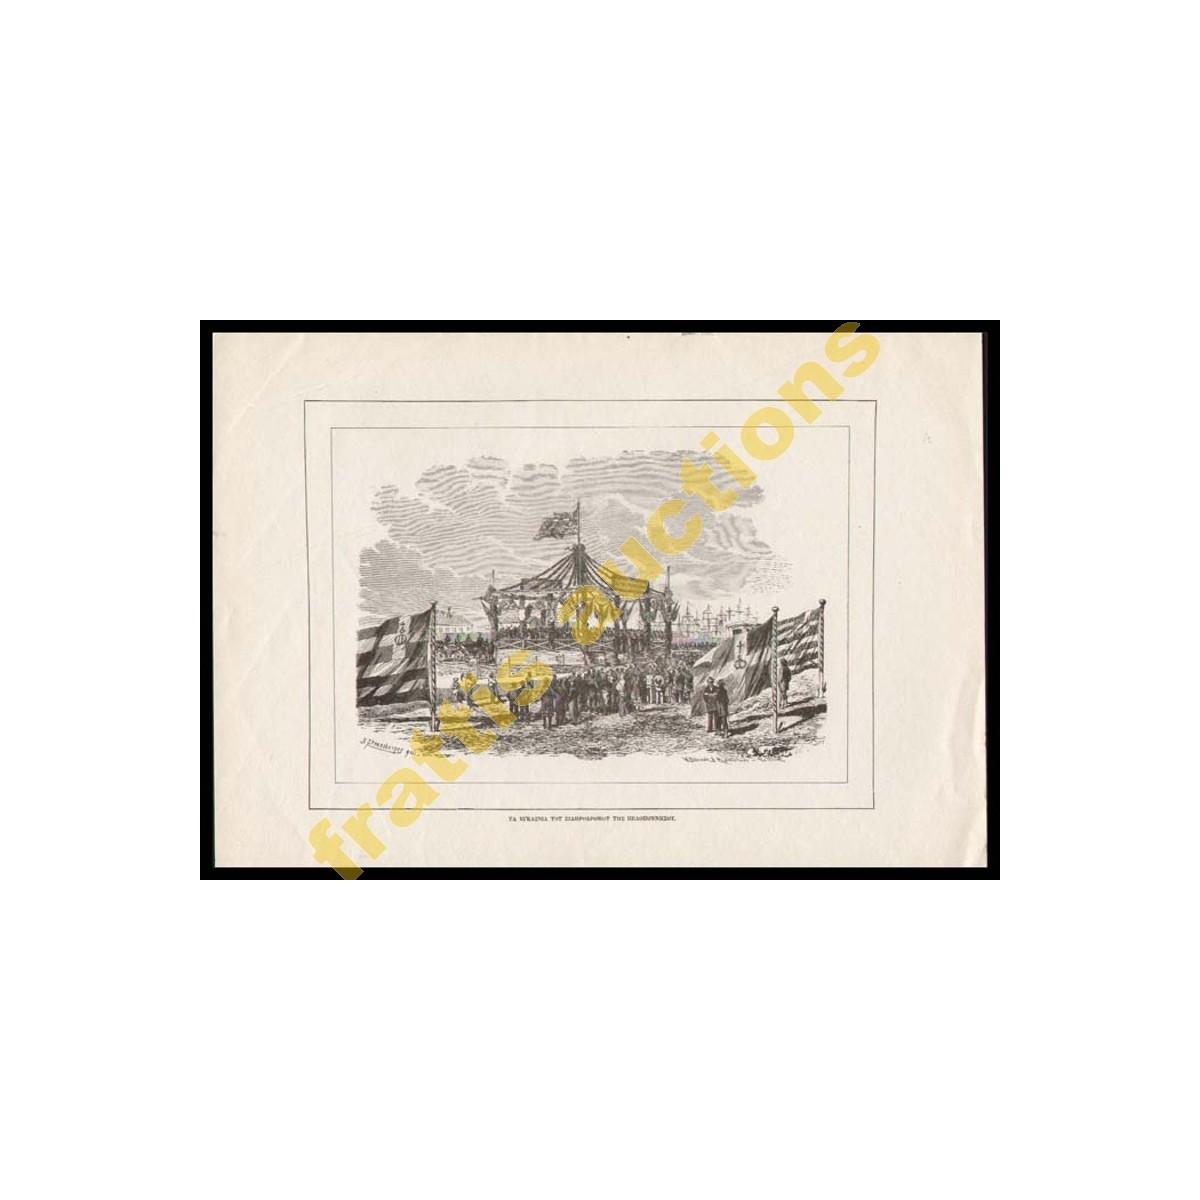 Τα Εγκαίνεια του Σιδηροδρόμου της Πελοποννήσου, εκτύπωσις χαρακτικού.